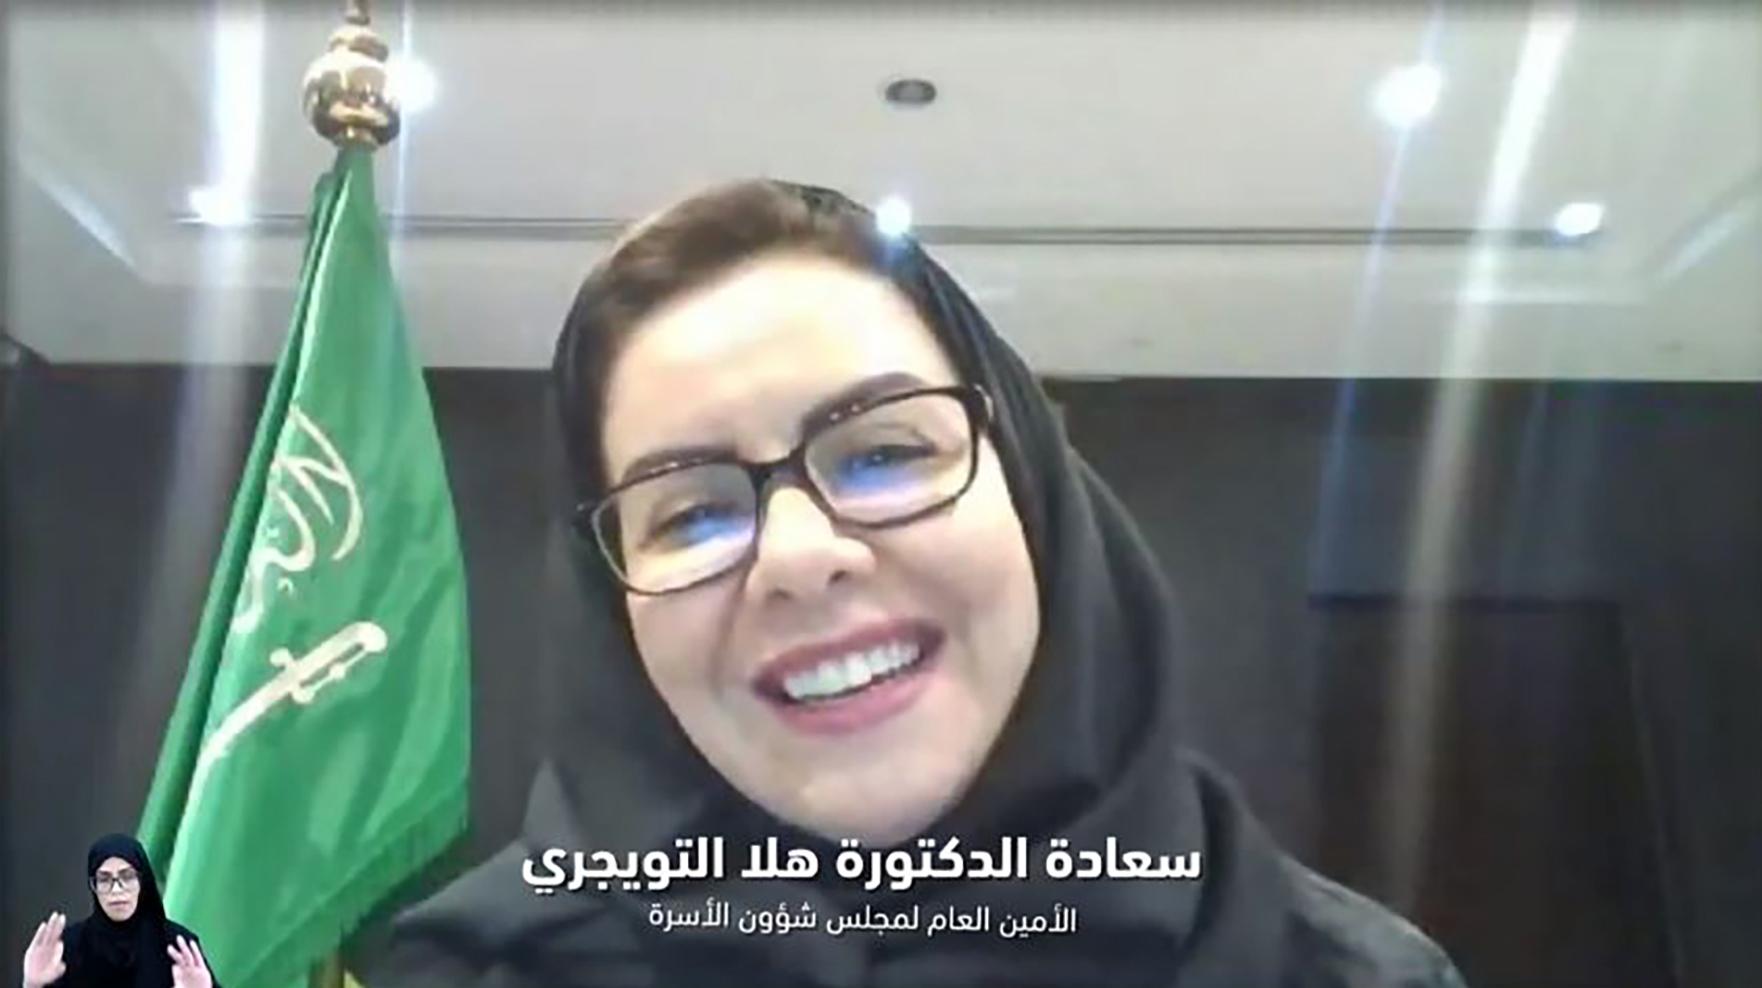 """ختام المنتدى الافتراضي الأول بين السعودية والإمارات """"أسرة آمنة مجتمع آمن"""""""